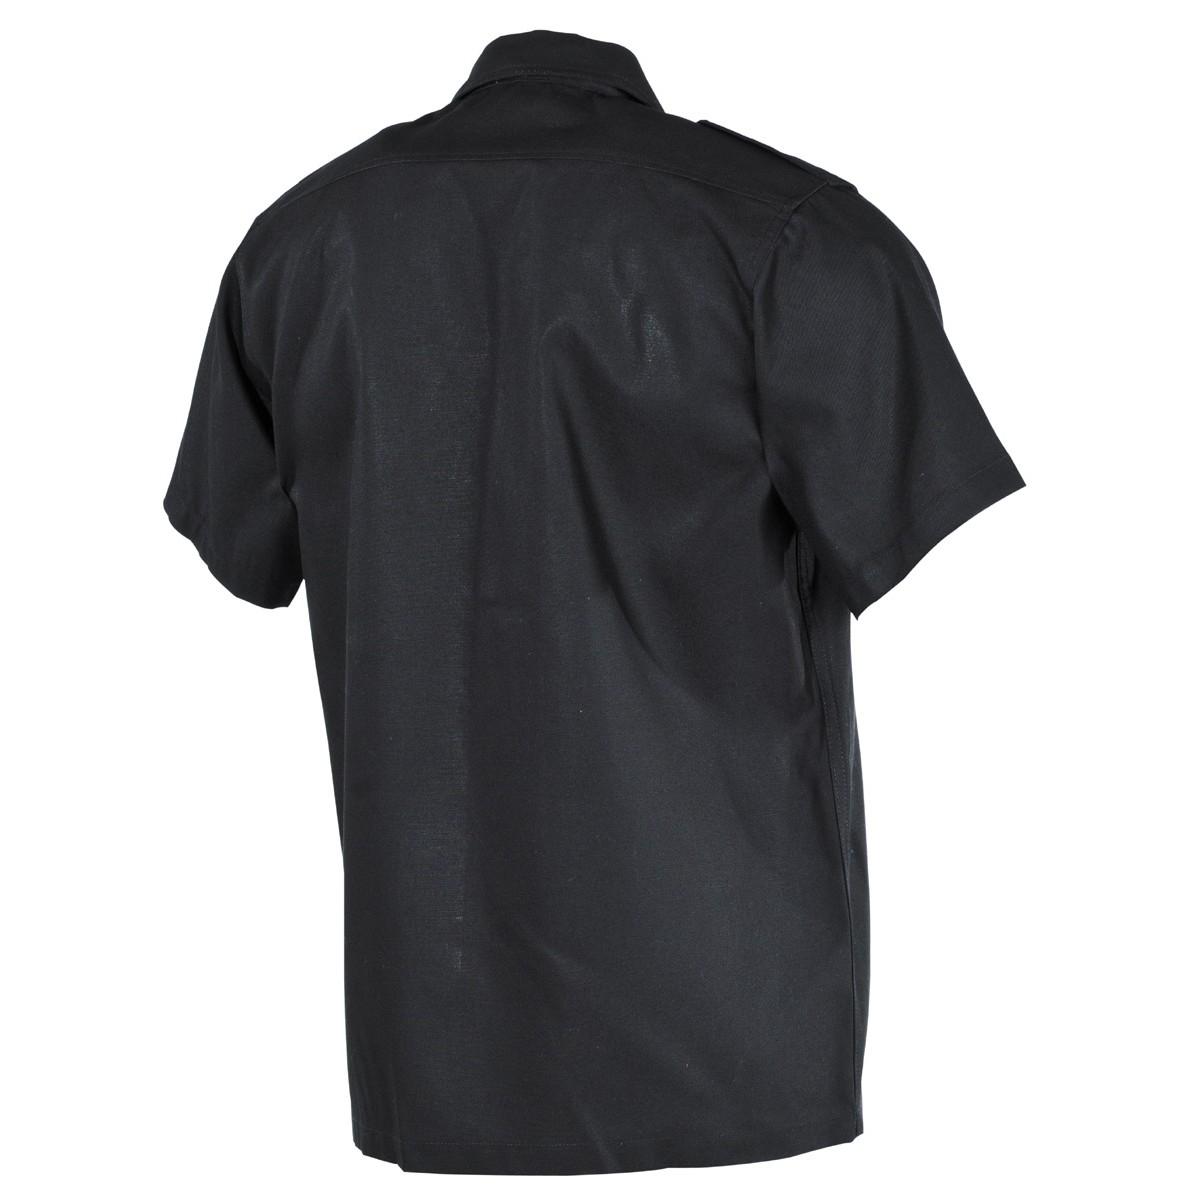 Košile US krátký rukáv ČERNÁ MFH int. comp. 02712A L-11